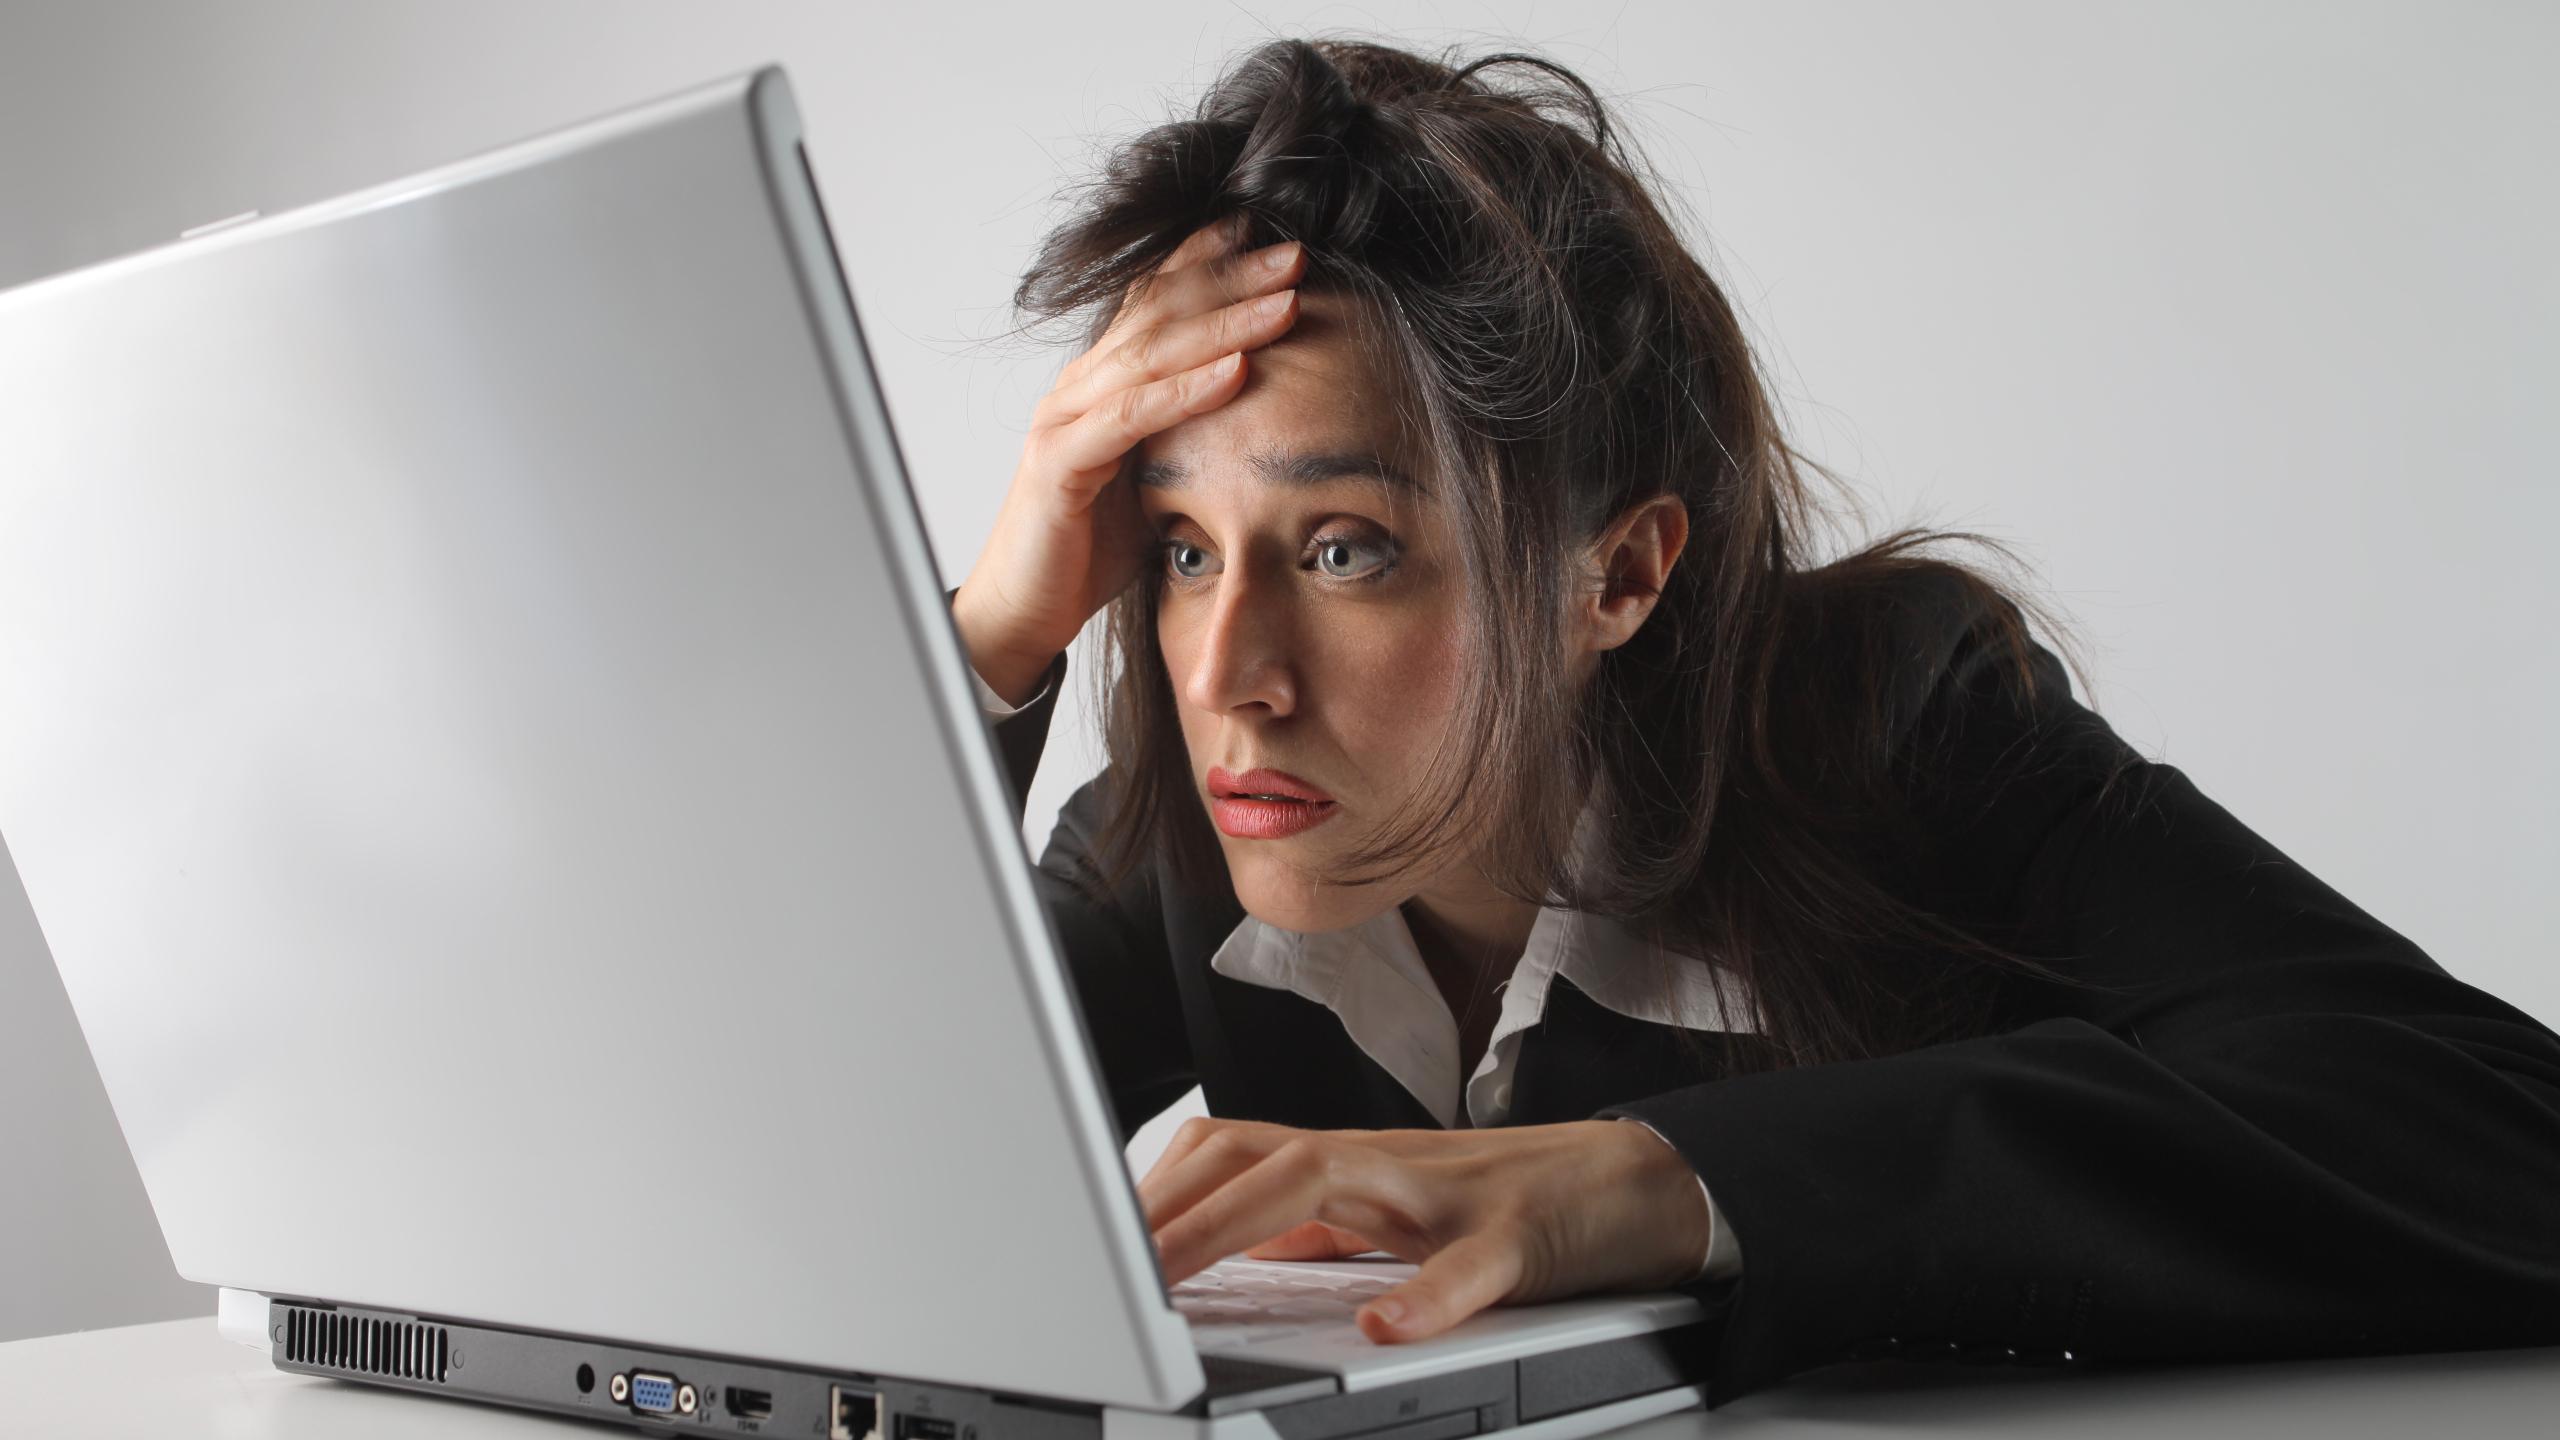 Поиск по симптомам в интернете оказался прав в 36 процентах случаев